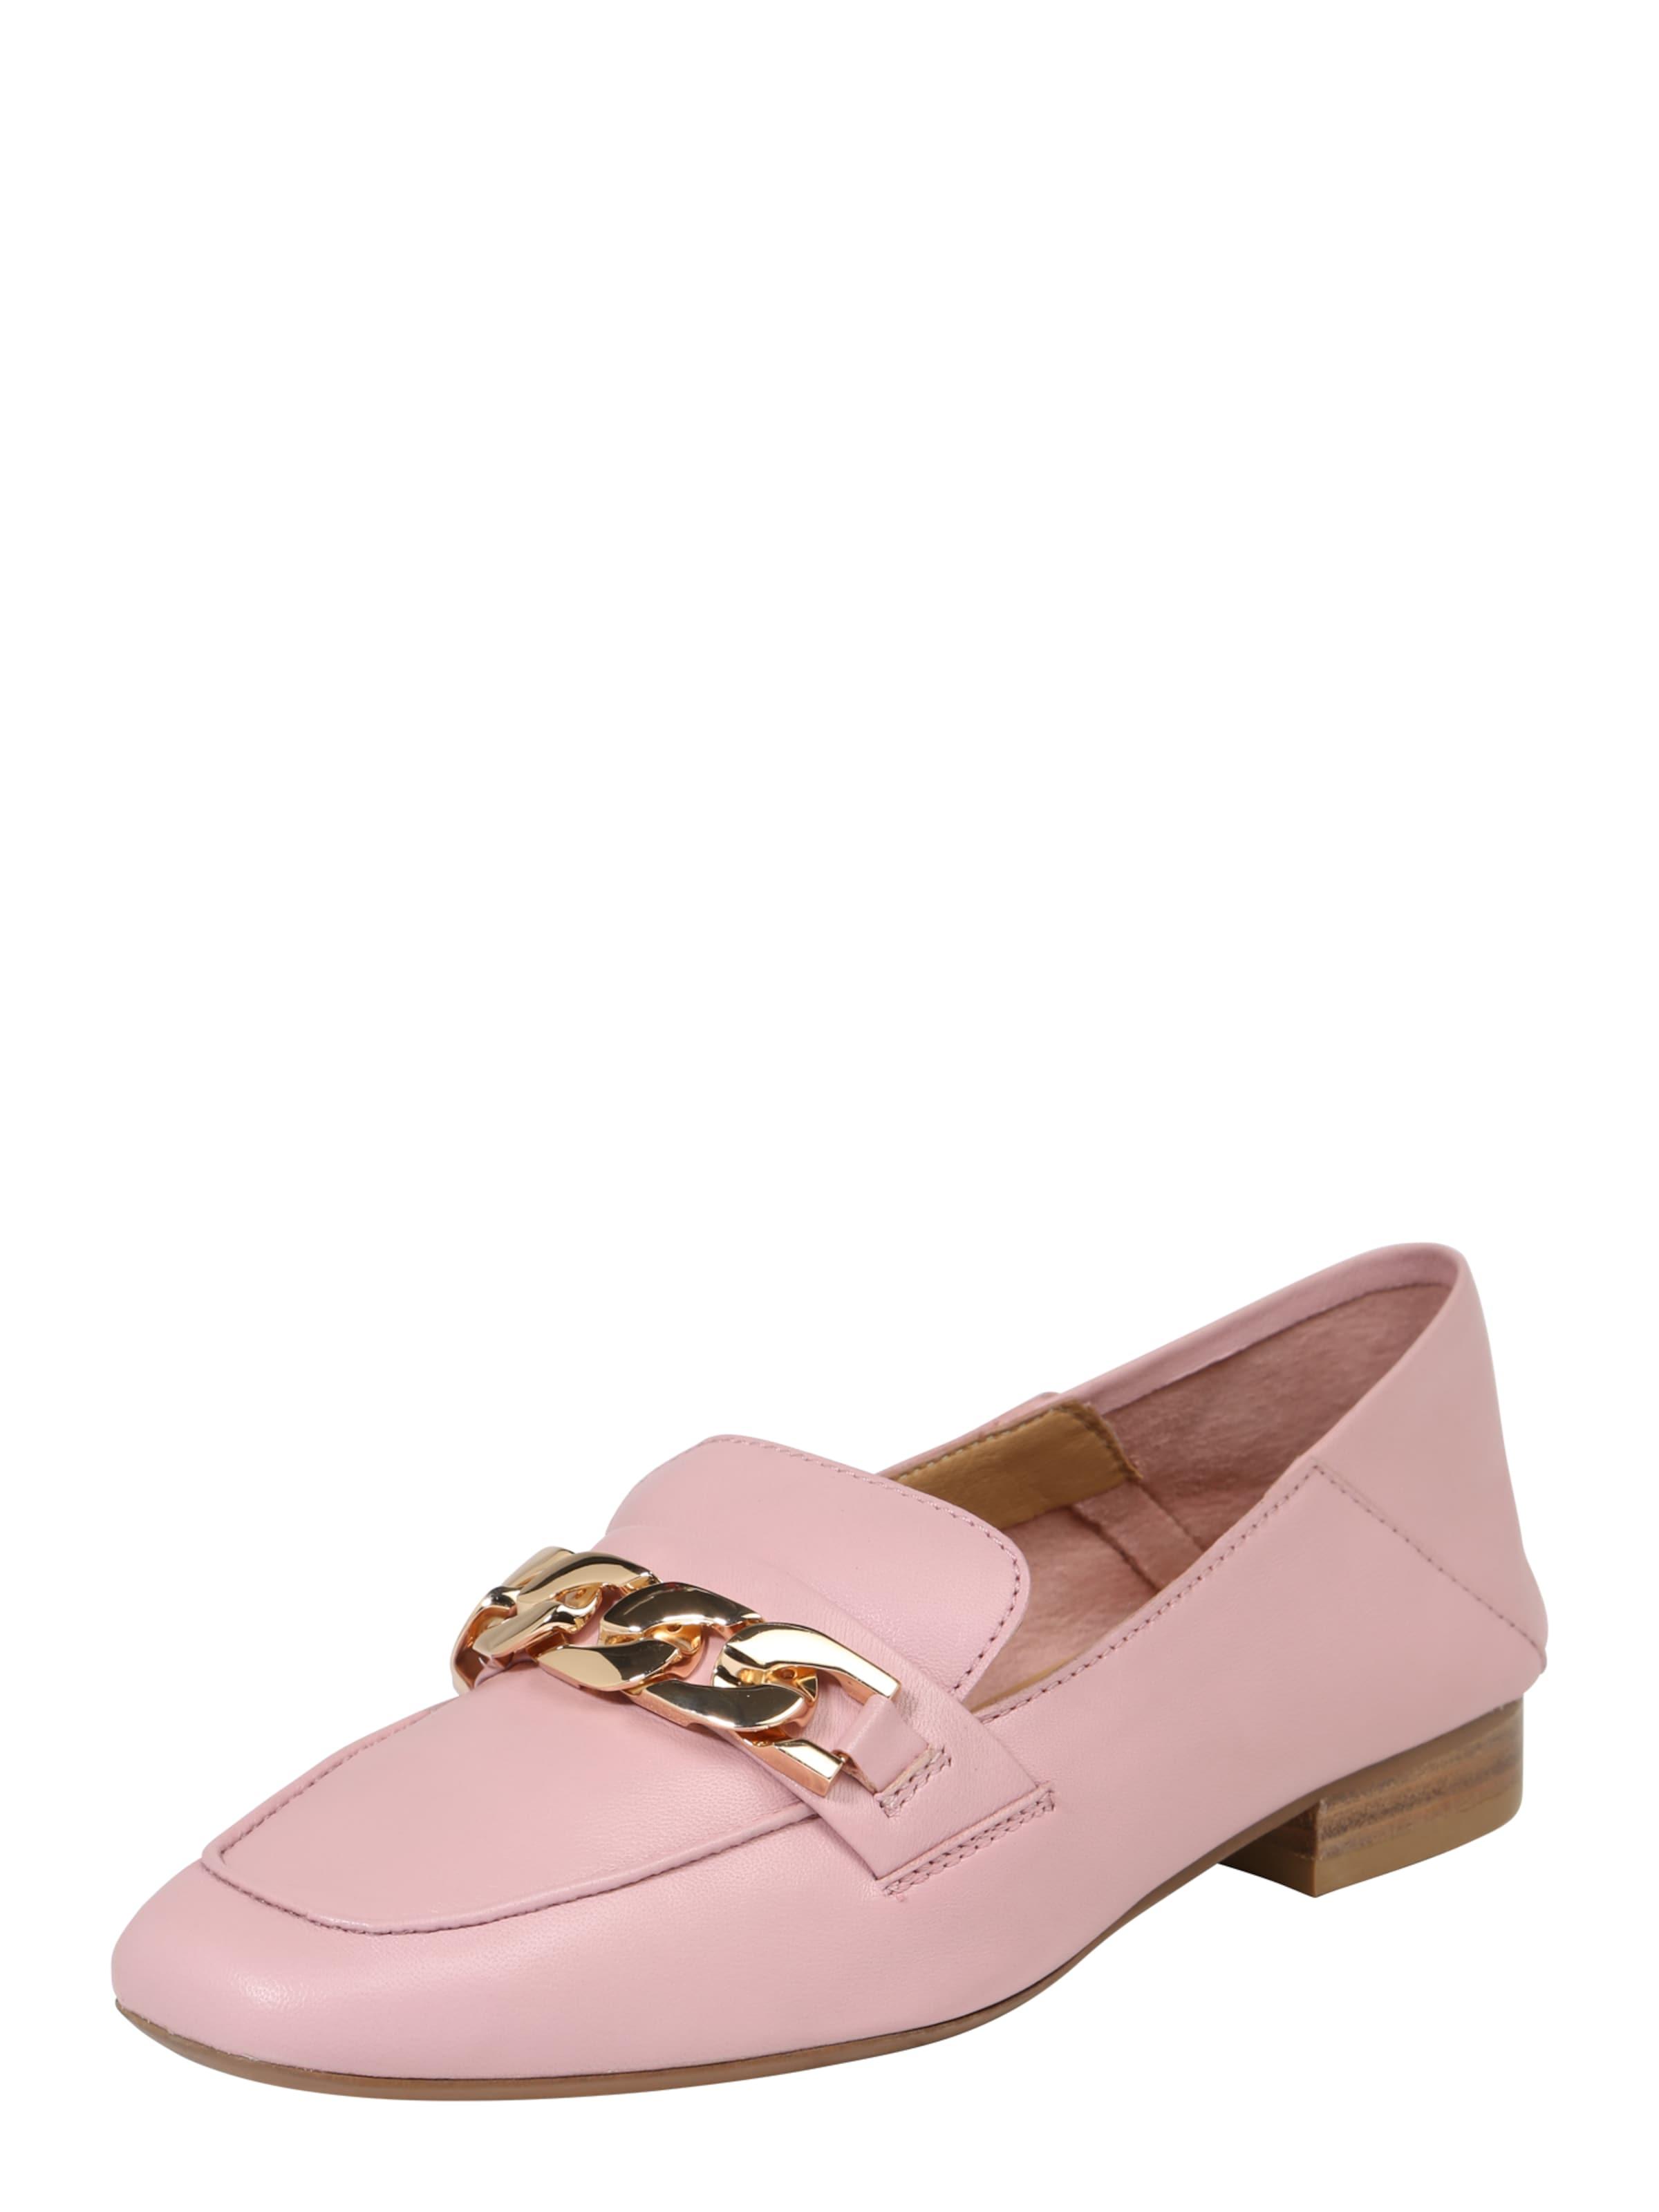 BRONX Slipper Chain Verschleißfeste billige Schuhe